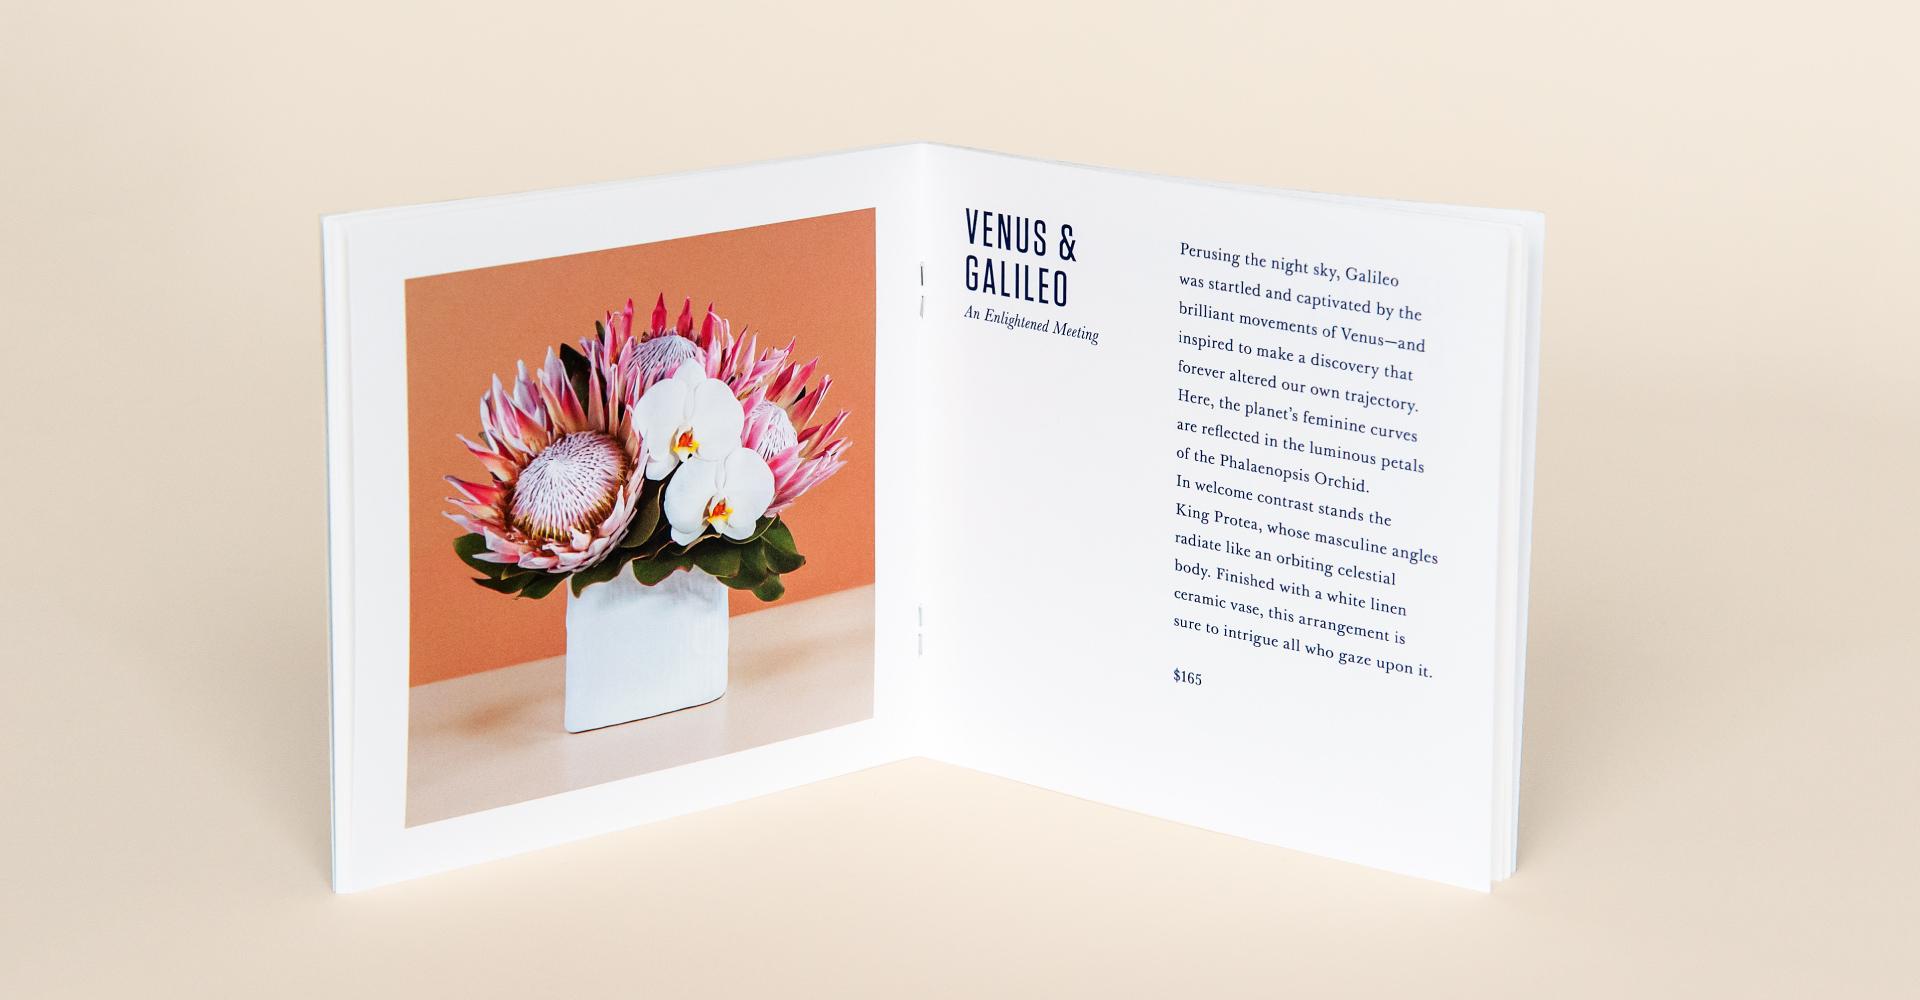 Creative_Retail_Packaging_PackageDesign_Custom_Kalla_09-1.jpg